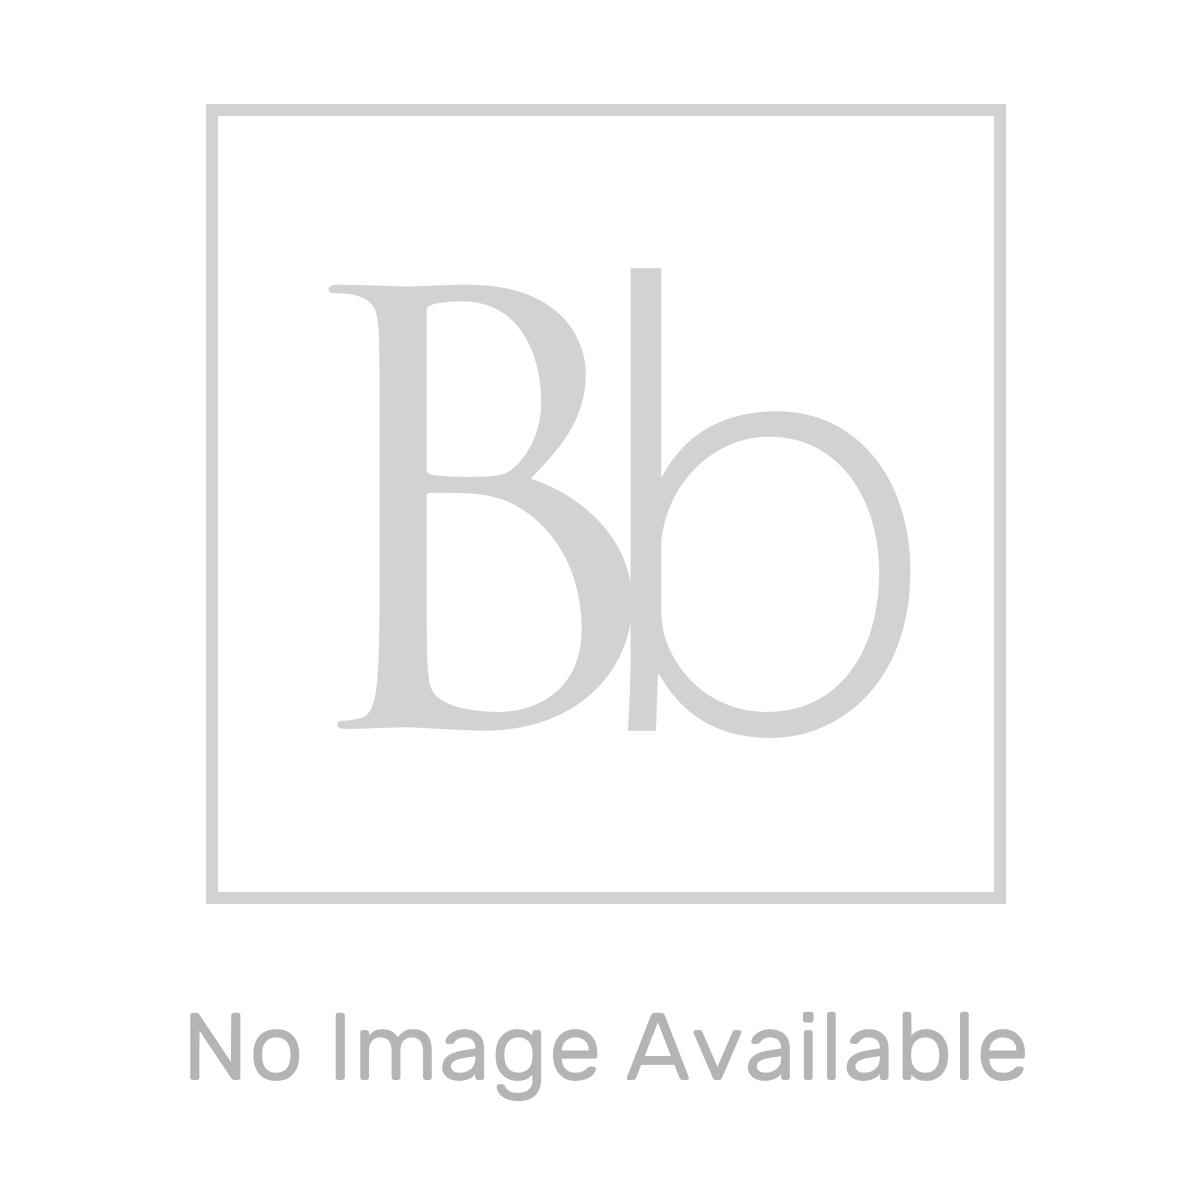 Aquadart Aqualavo Black Slate Shower Tray 1400 x 760